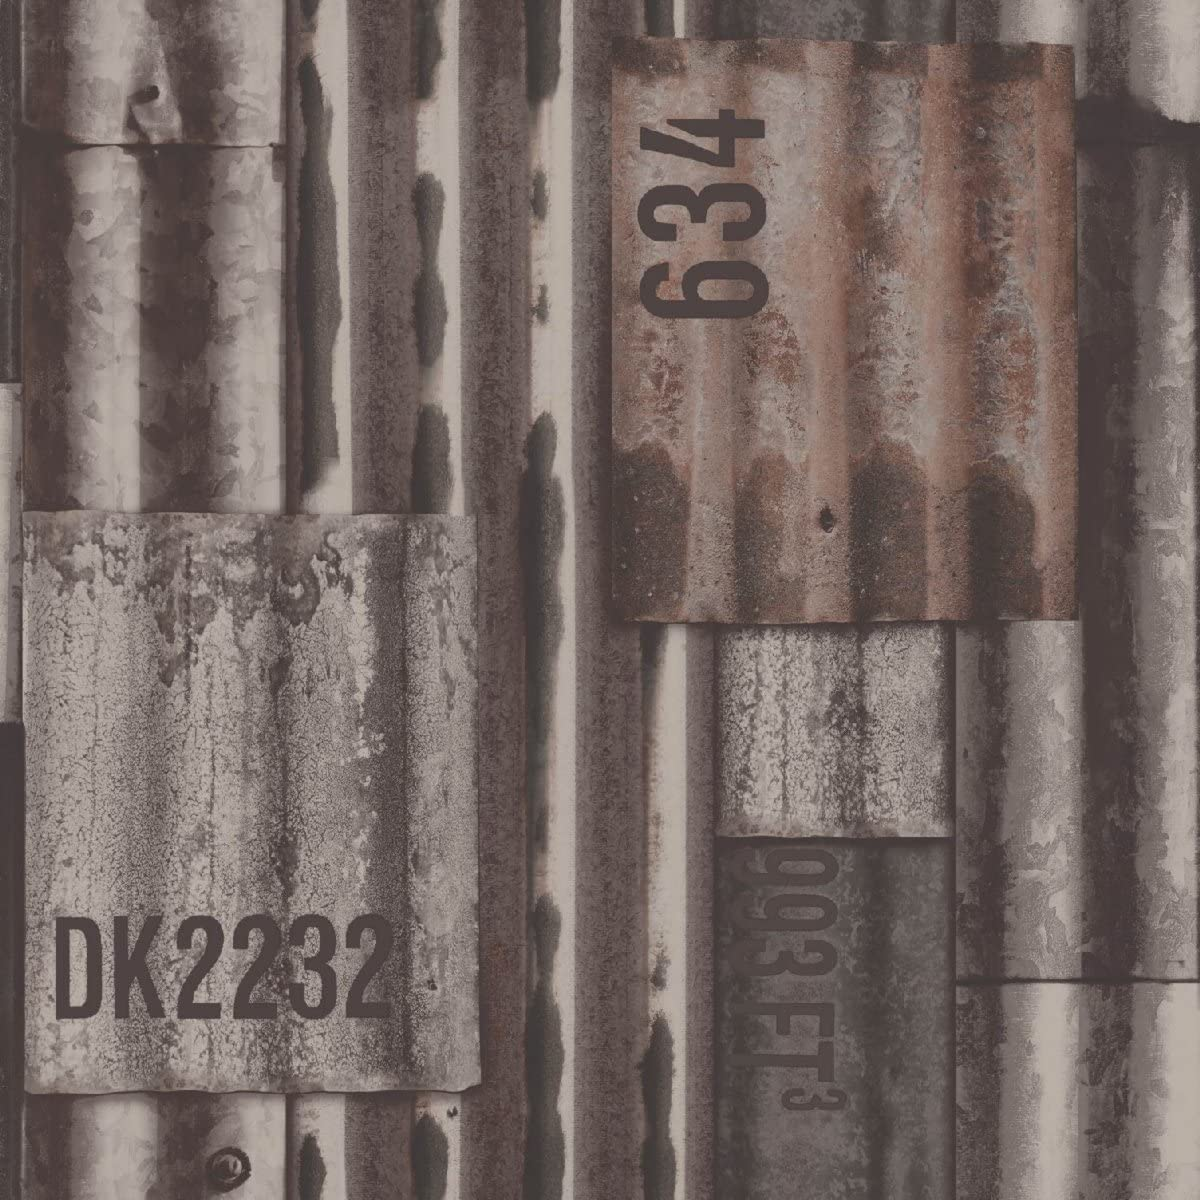 Papel pintado no tejido UGEPA chapa ondulada, Color, J87508: Amazon.es: Bricolaje y herramientas